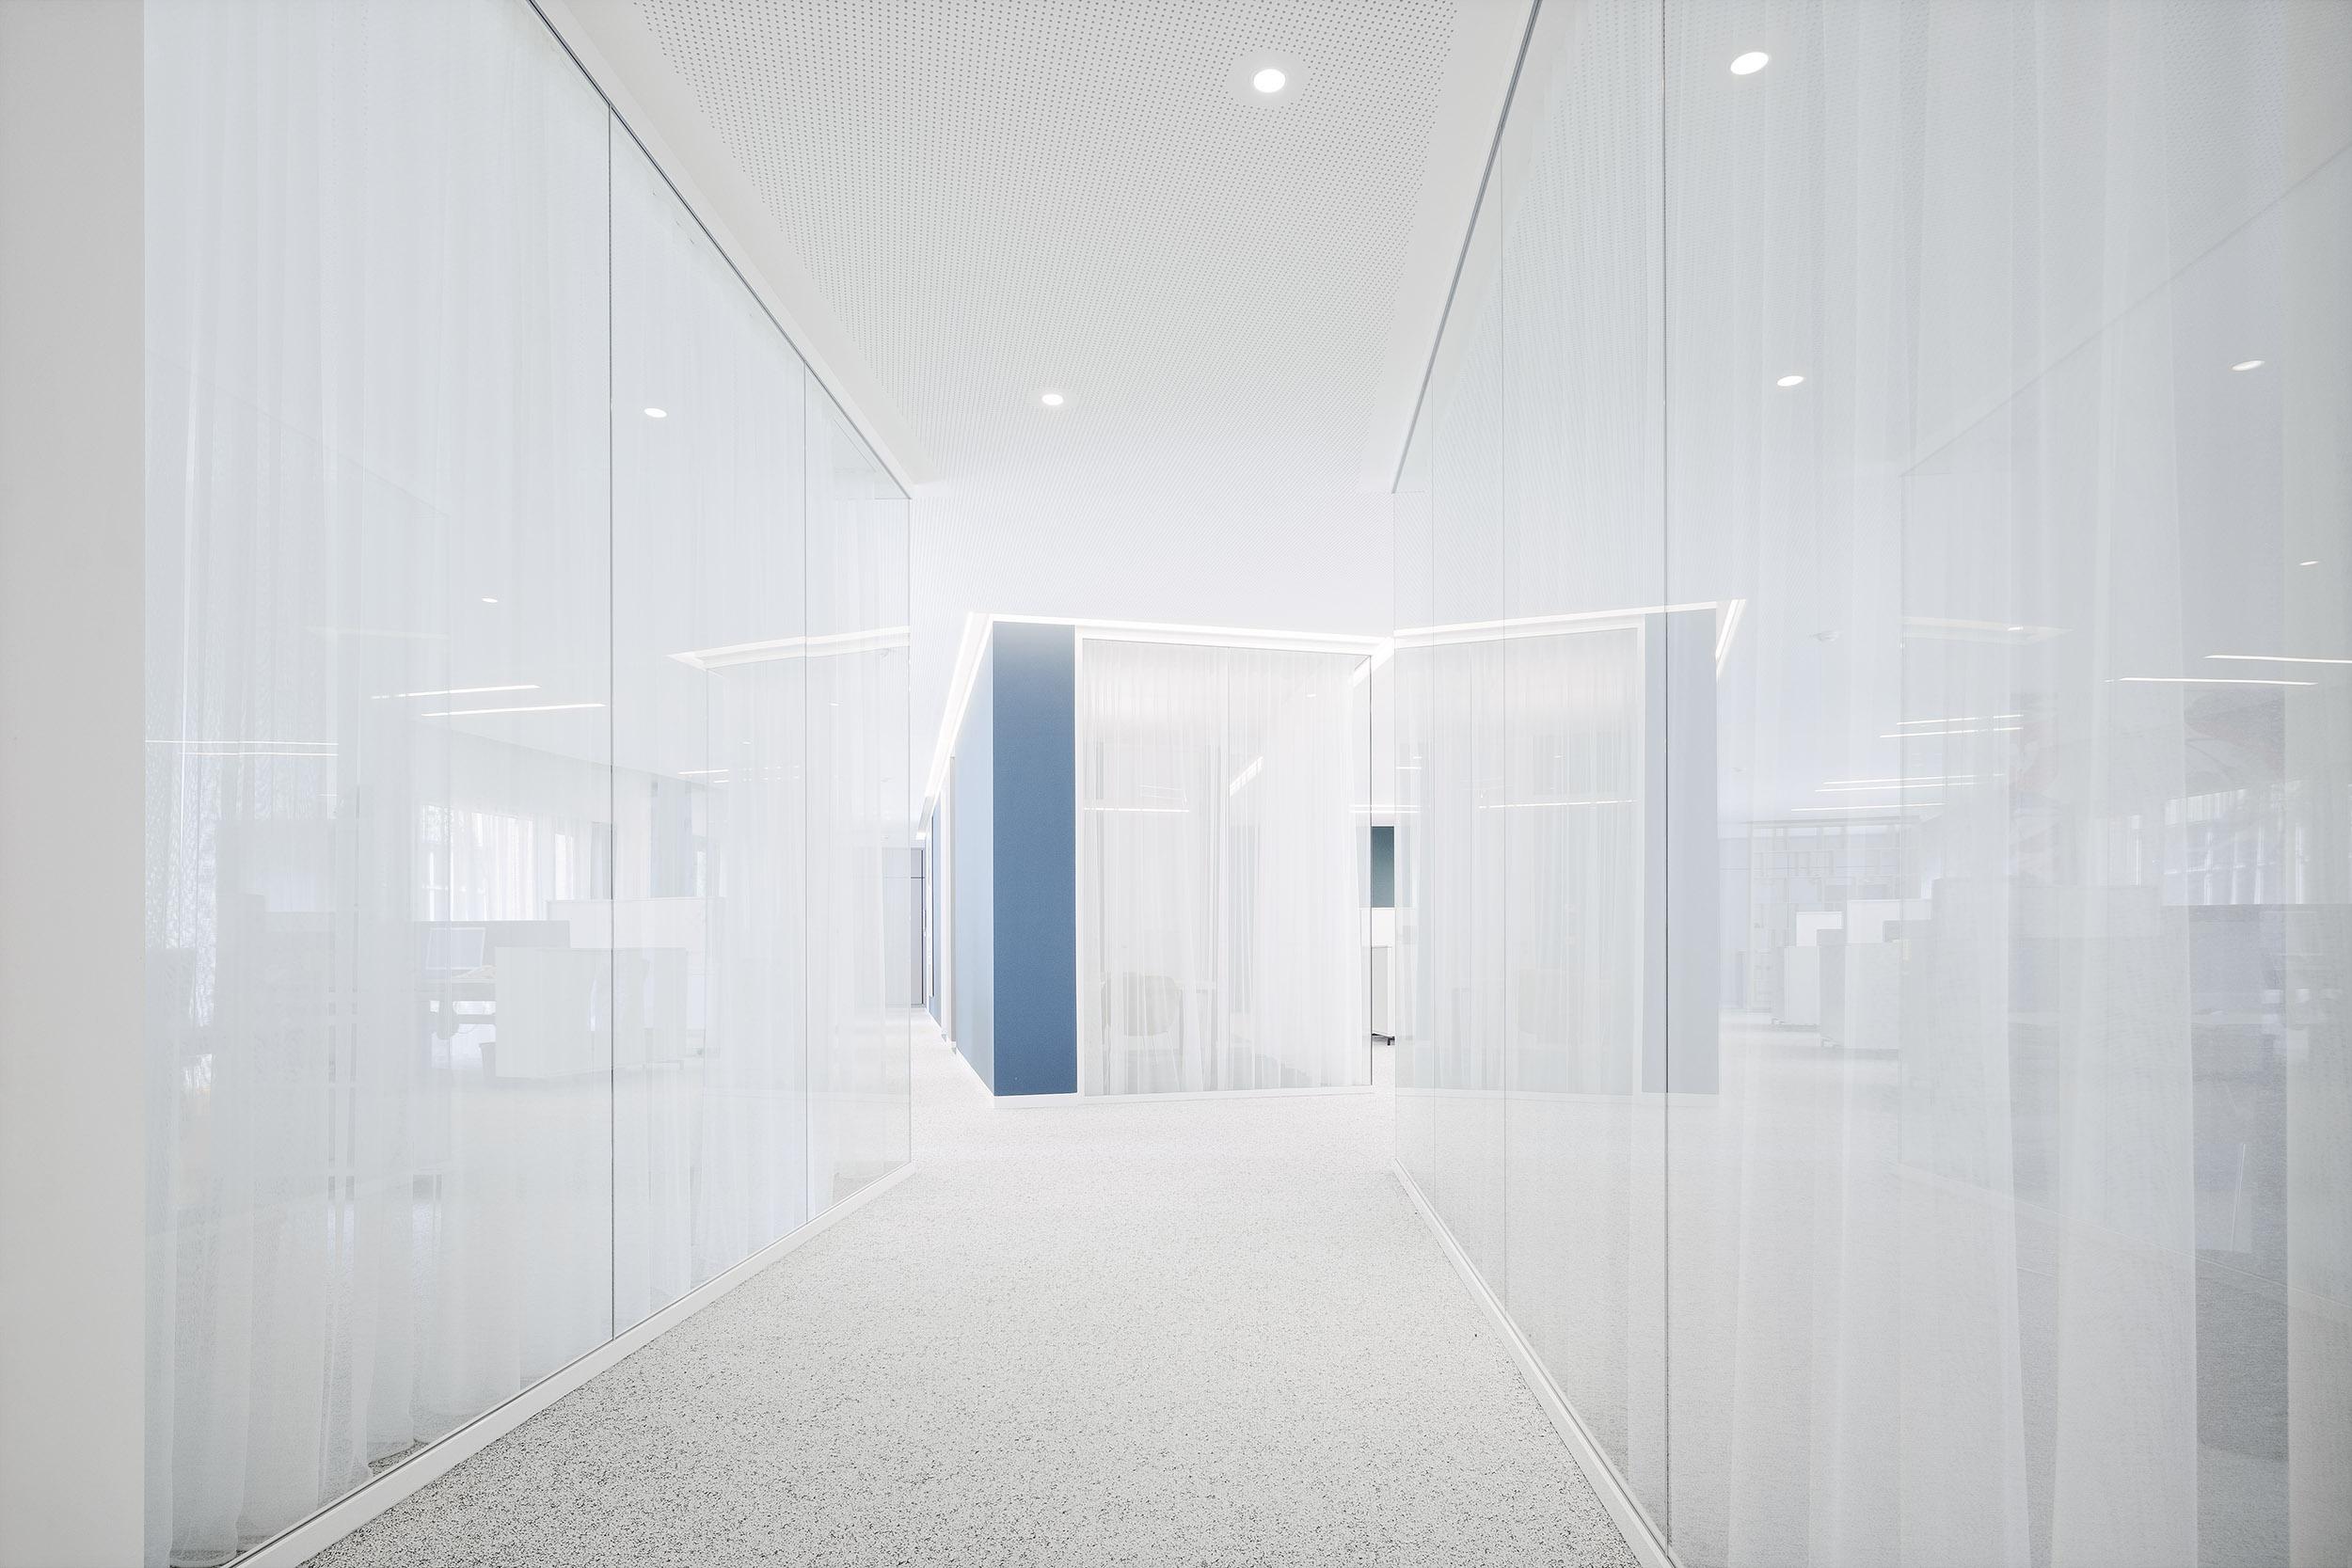 kaestle&ocker - Büro & Apartmentgebäude